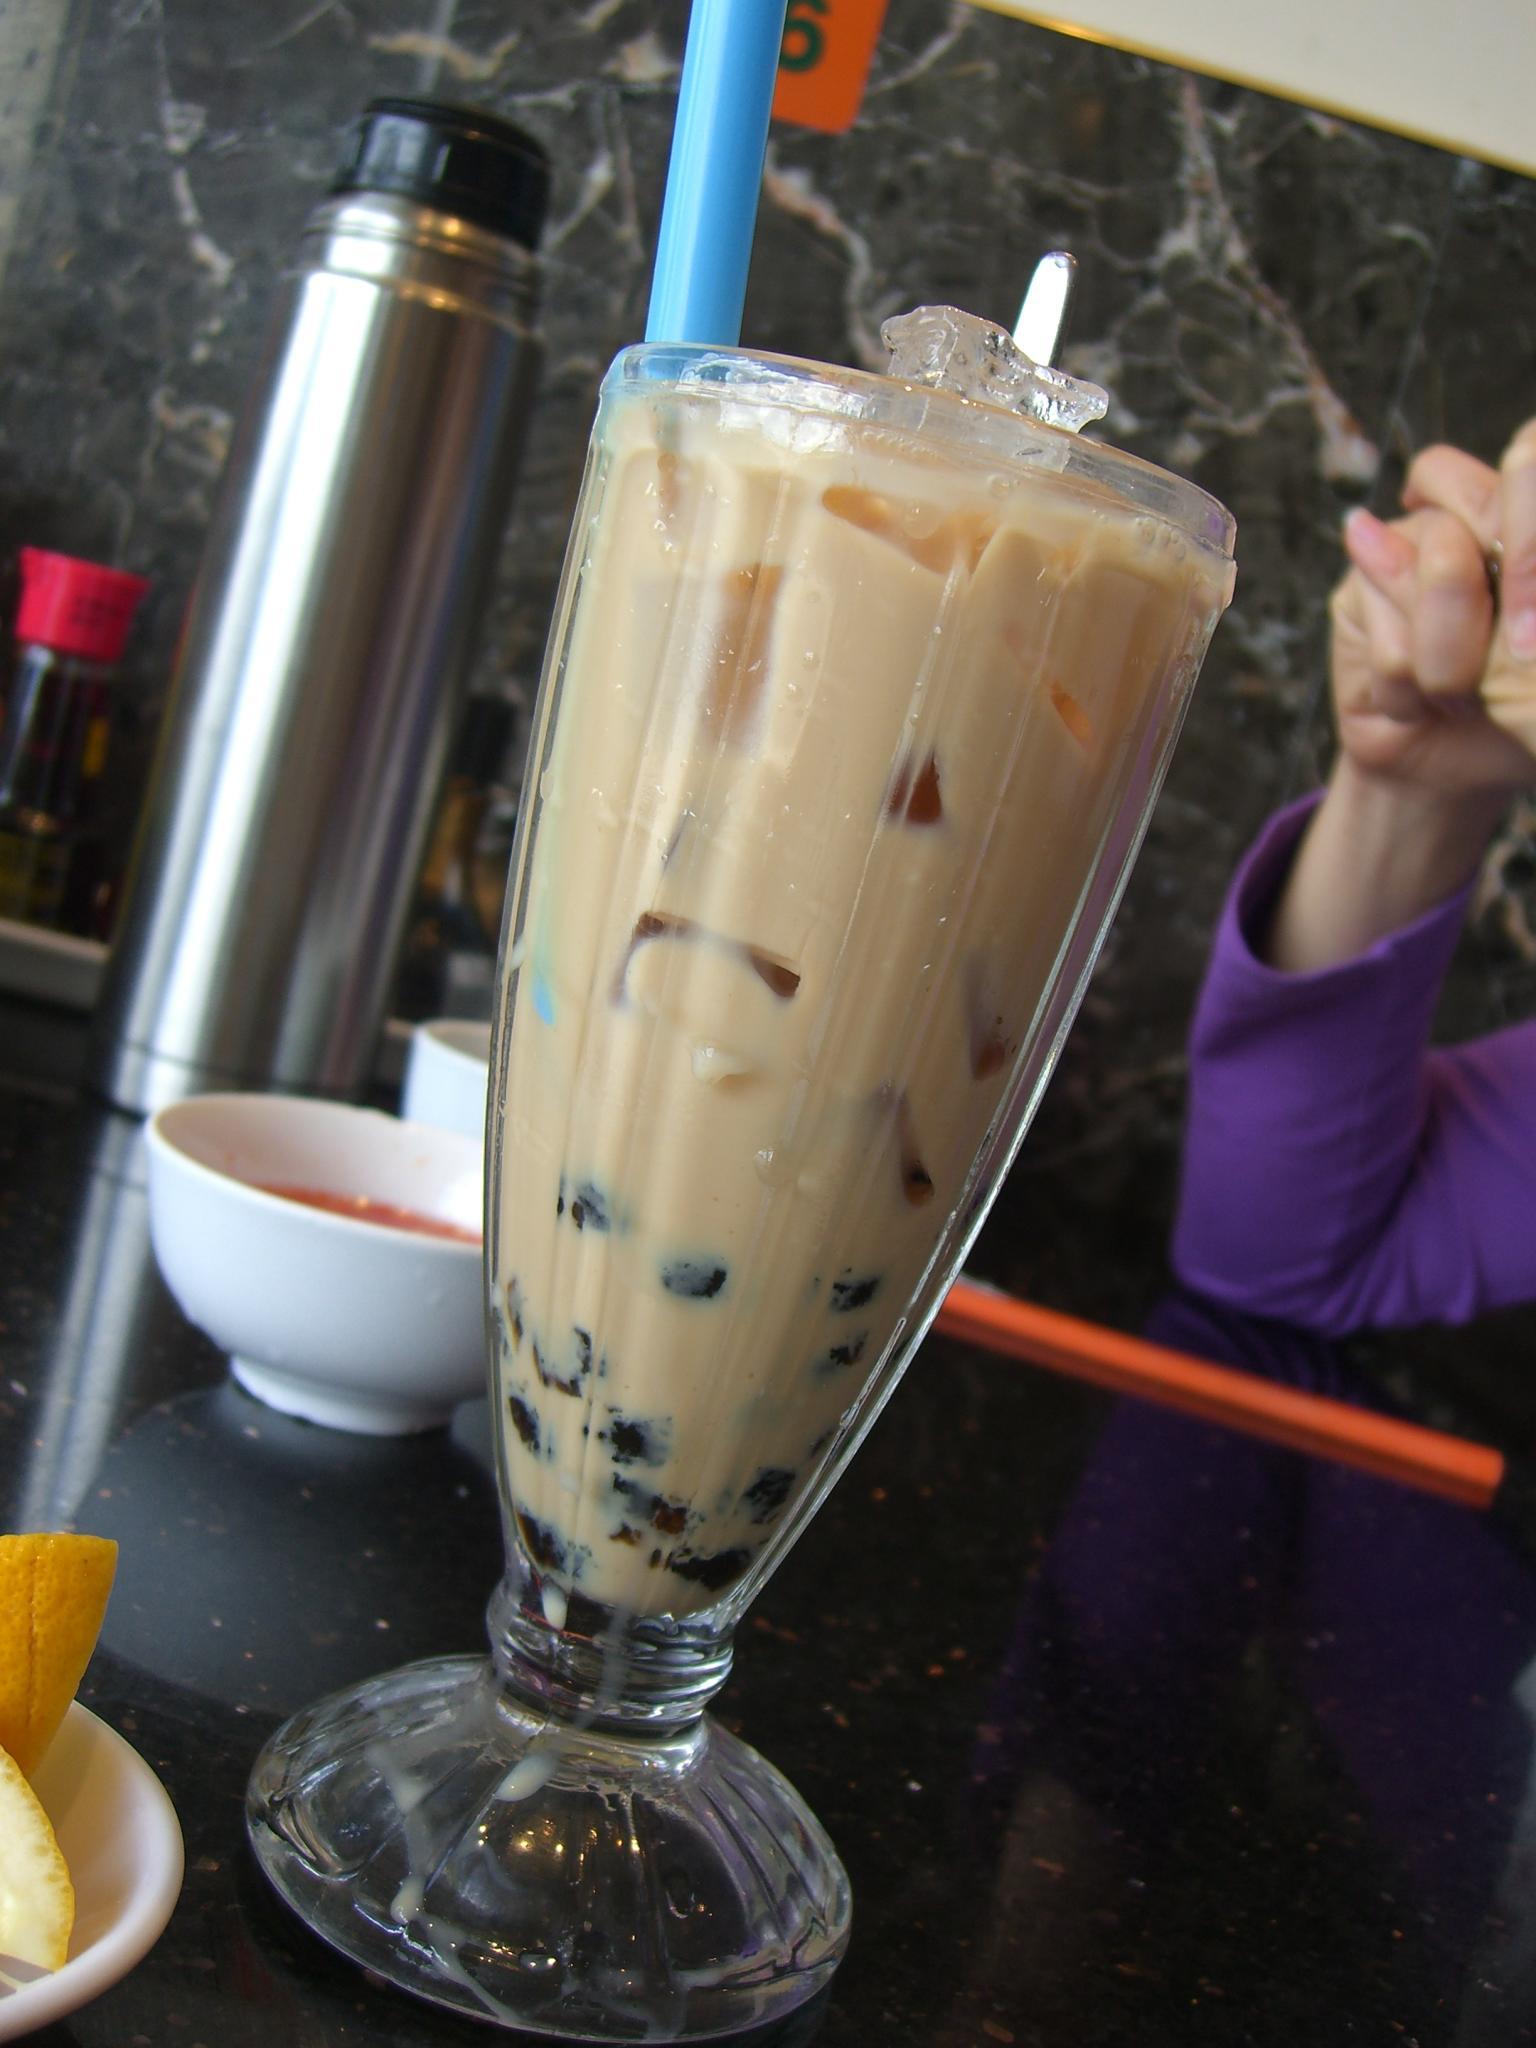 小編已經想好今天中餐要配珍珠奶茶囉♥